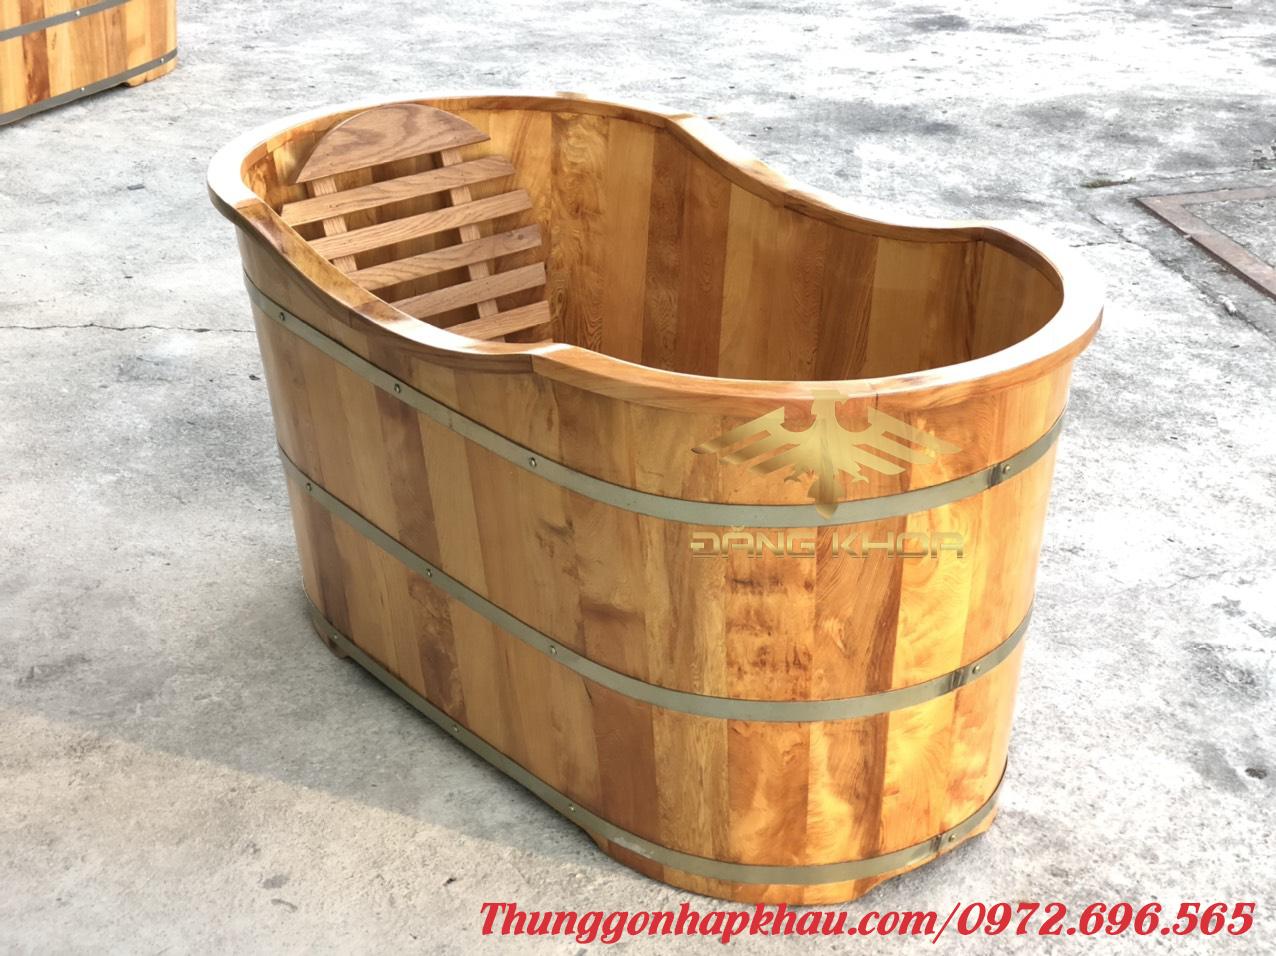 Bán Bồn tắm gỗ cũ